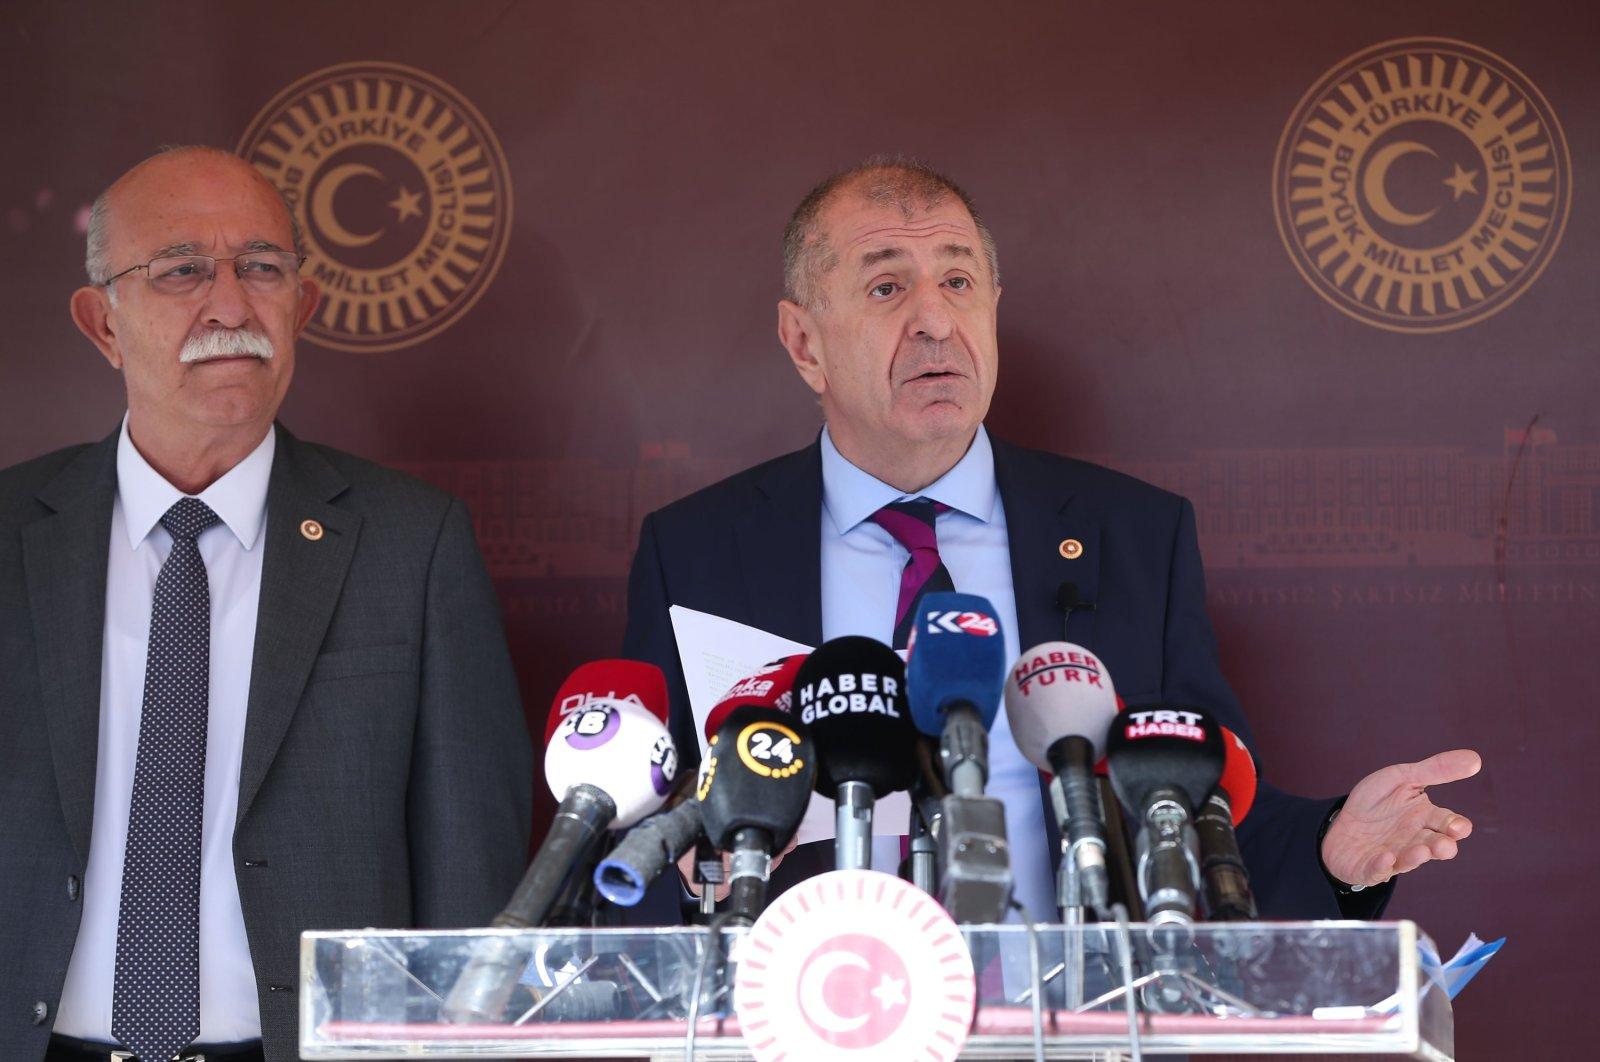 IP Istanbul Deputy Ümit Özdağ, accompanied by Adana deputy İsmail Koncuk, speaks to reporters at a news conference in the capital Ankara on Nov. 11, 2020. (AA Photo)